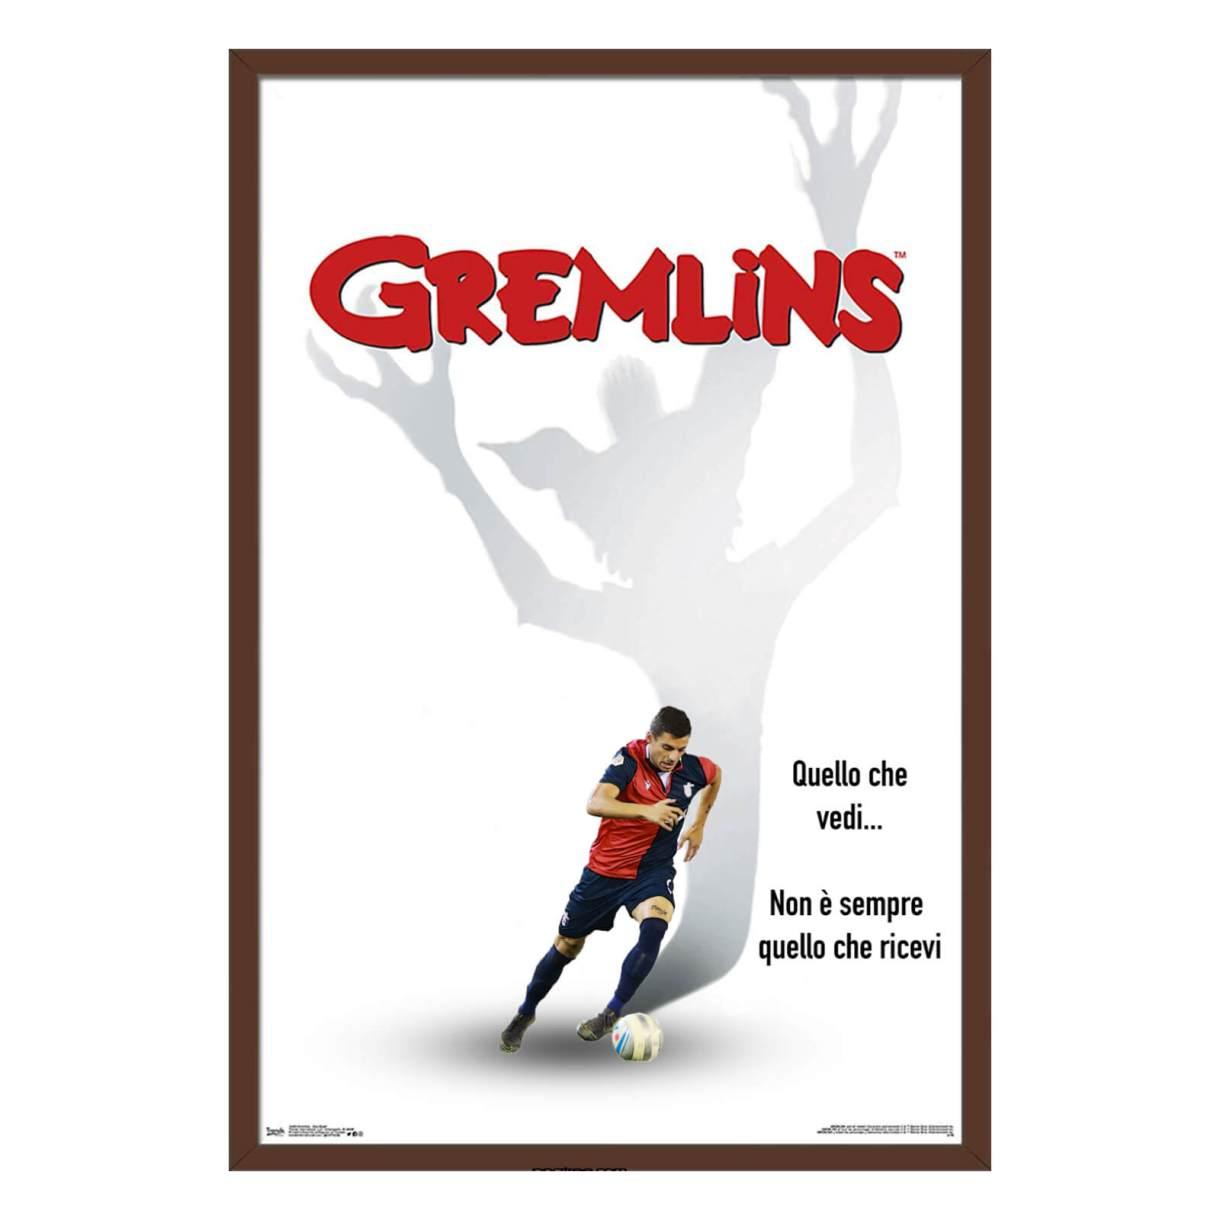 Gremlins - Samb